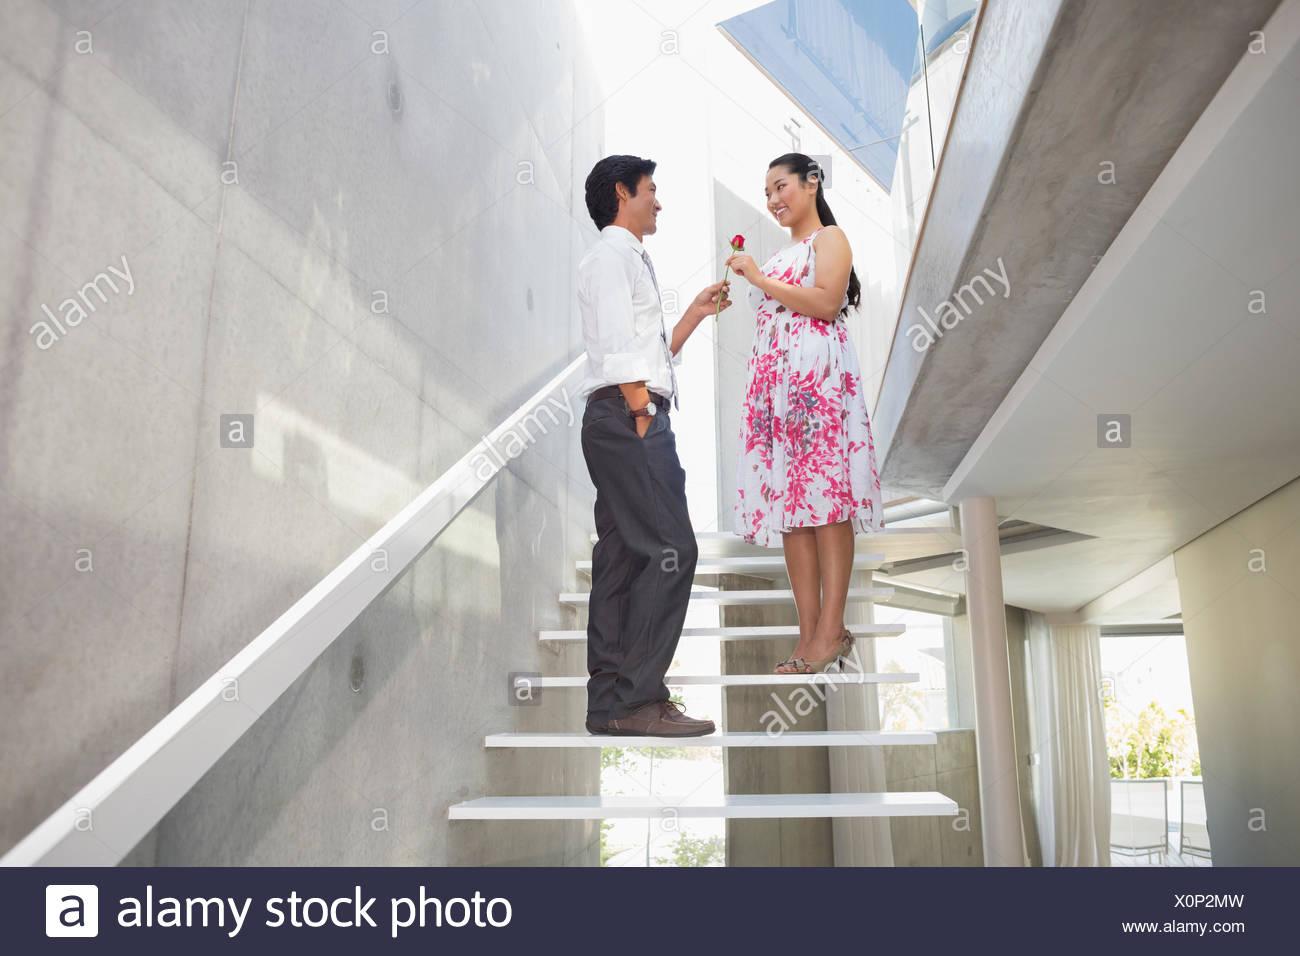 L'uomo che offre una rosa rossa per ragazza Immagini Stock